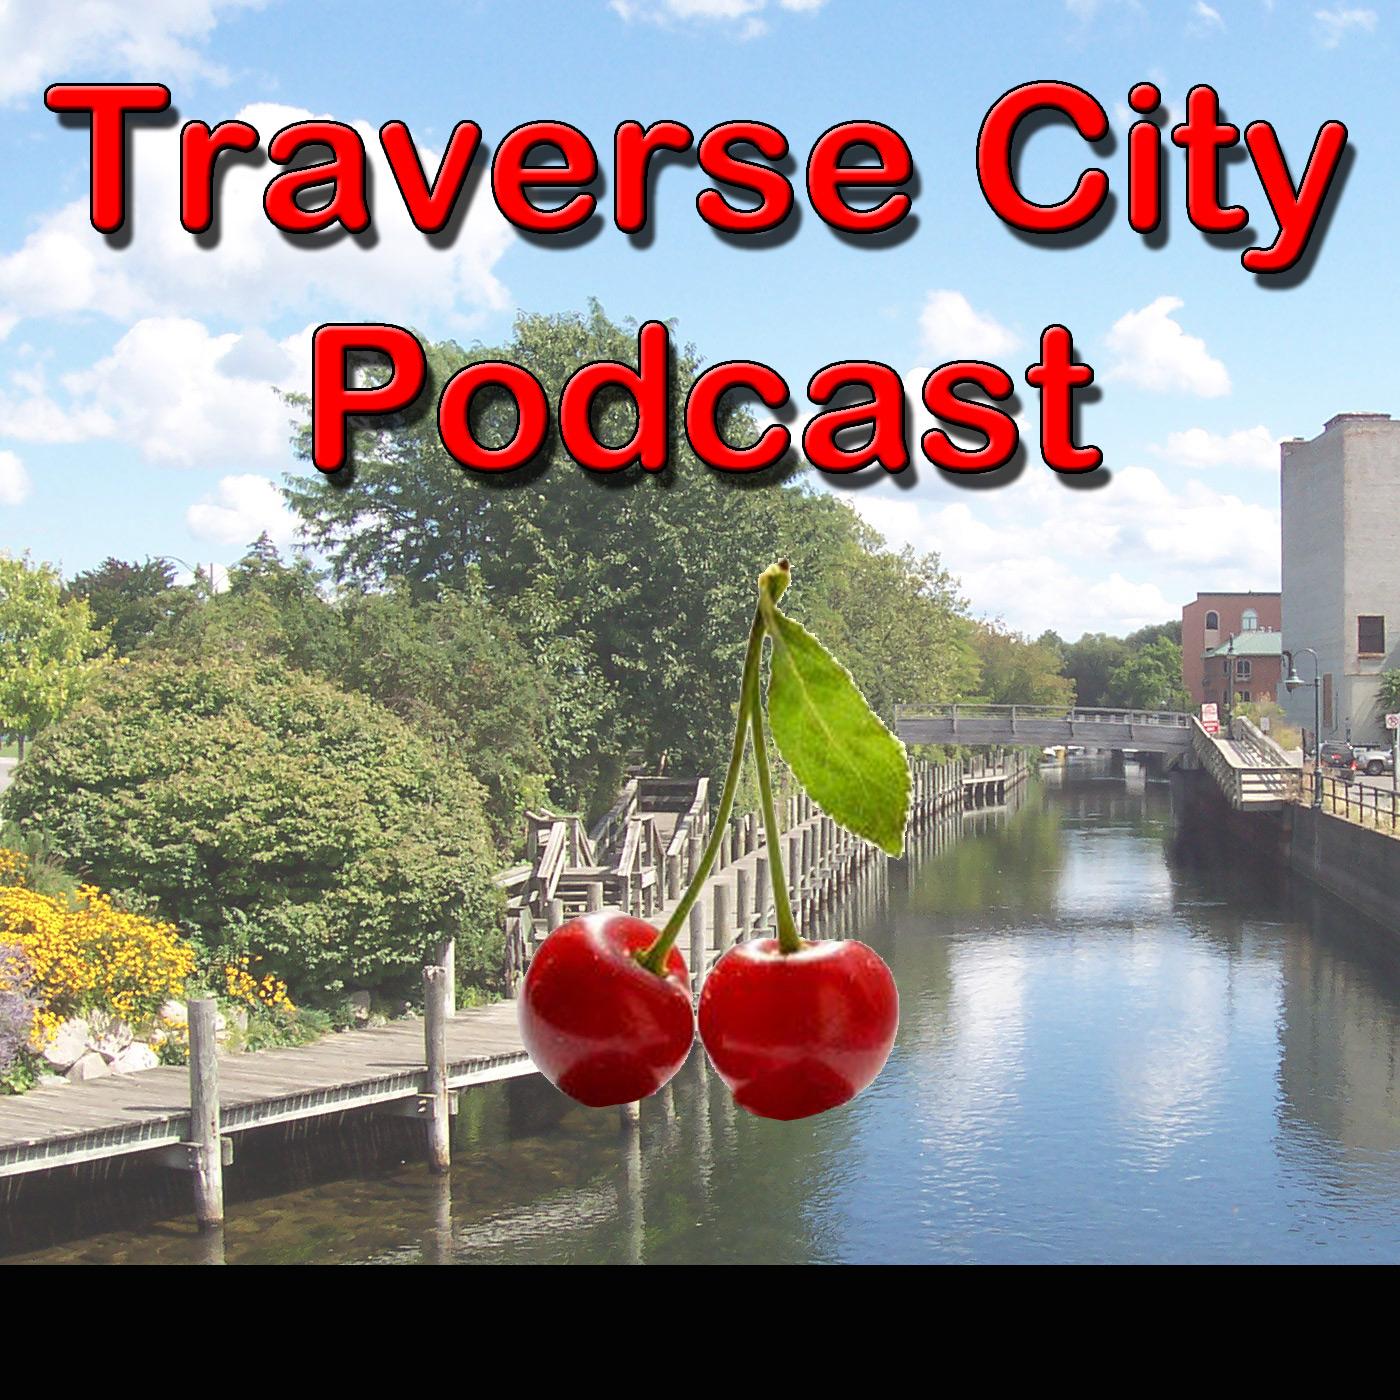 Traverse City Podcast